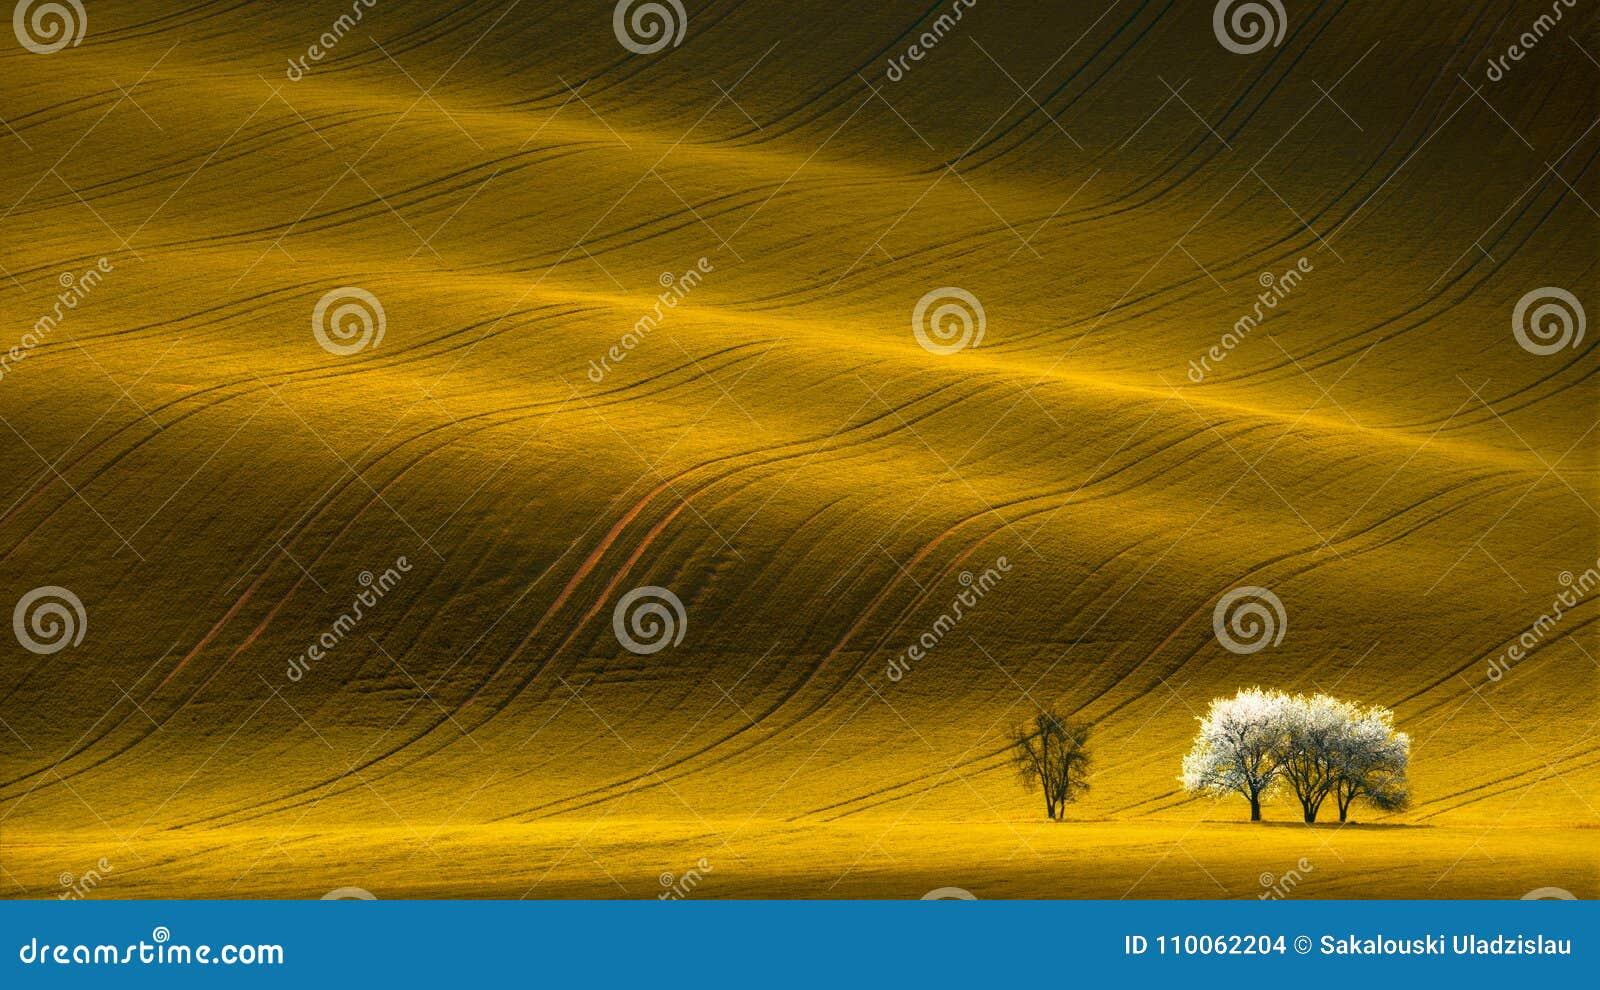 Frühlings-gewelltes gelbes Rapssamen-Feld mit weißem Baum und gewelltes abstraktes Landschaftsmuster